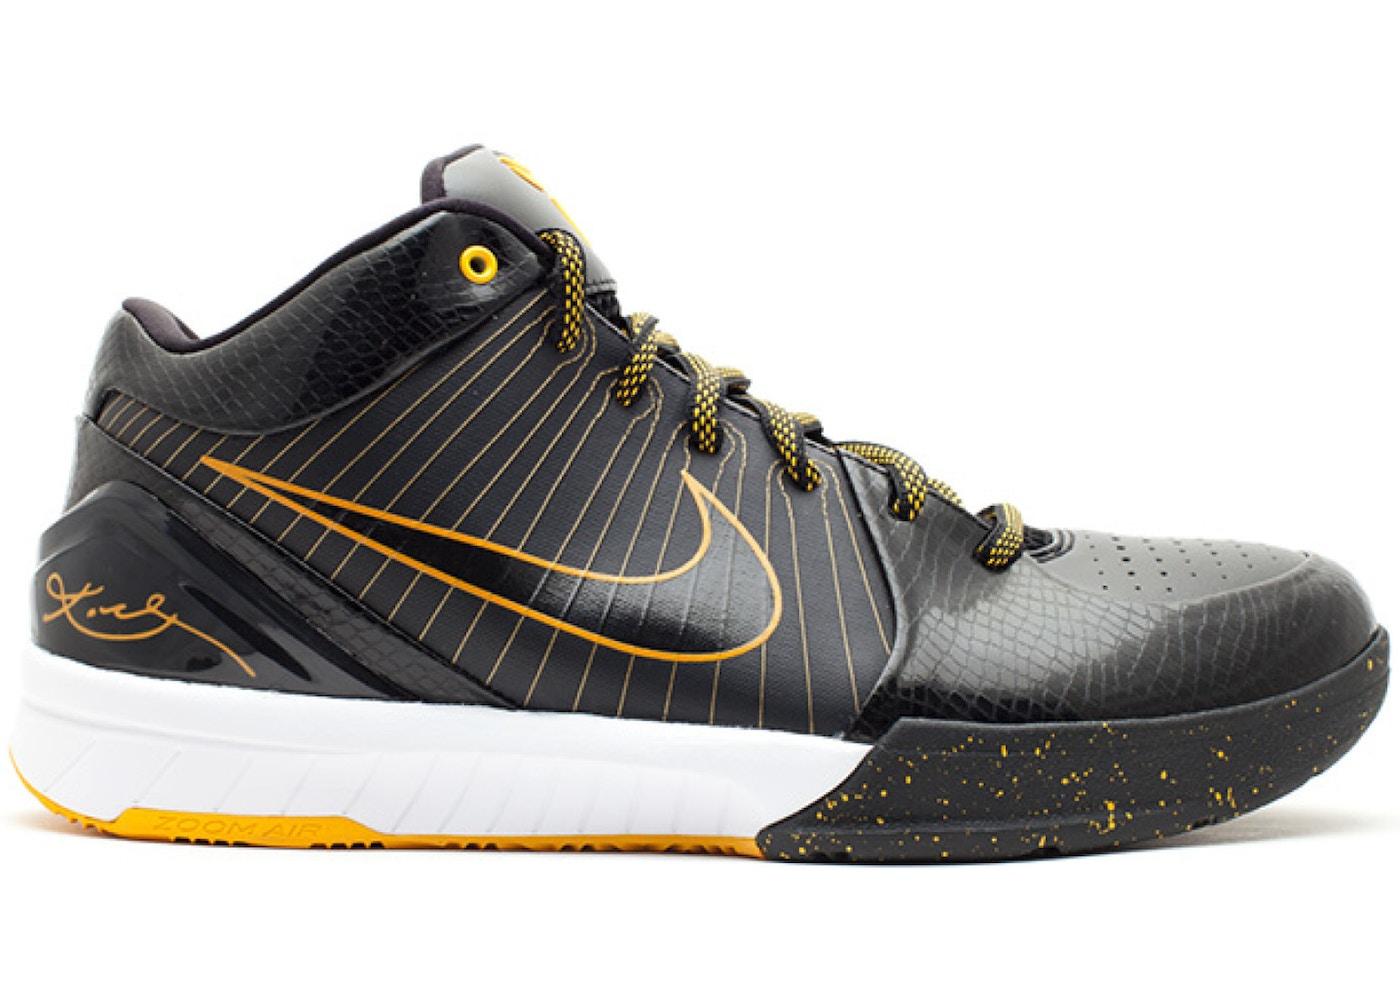 c0d2e25b68d Buy Nike Kobe 4 Shoes   Deadstock Sneakers